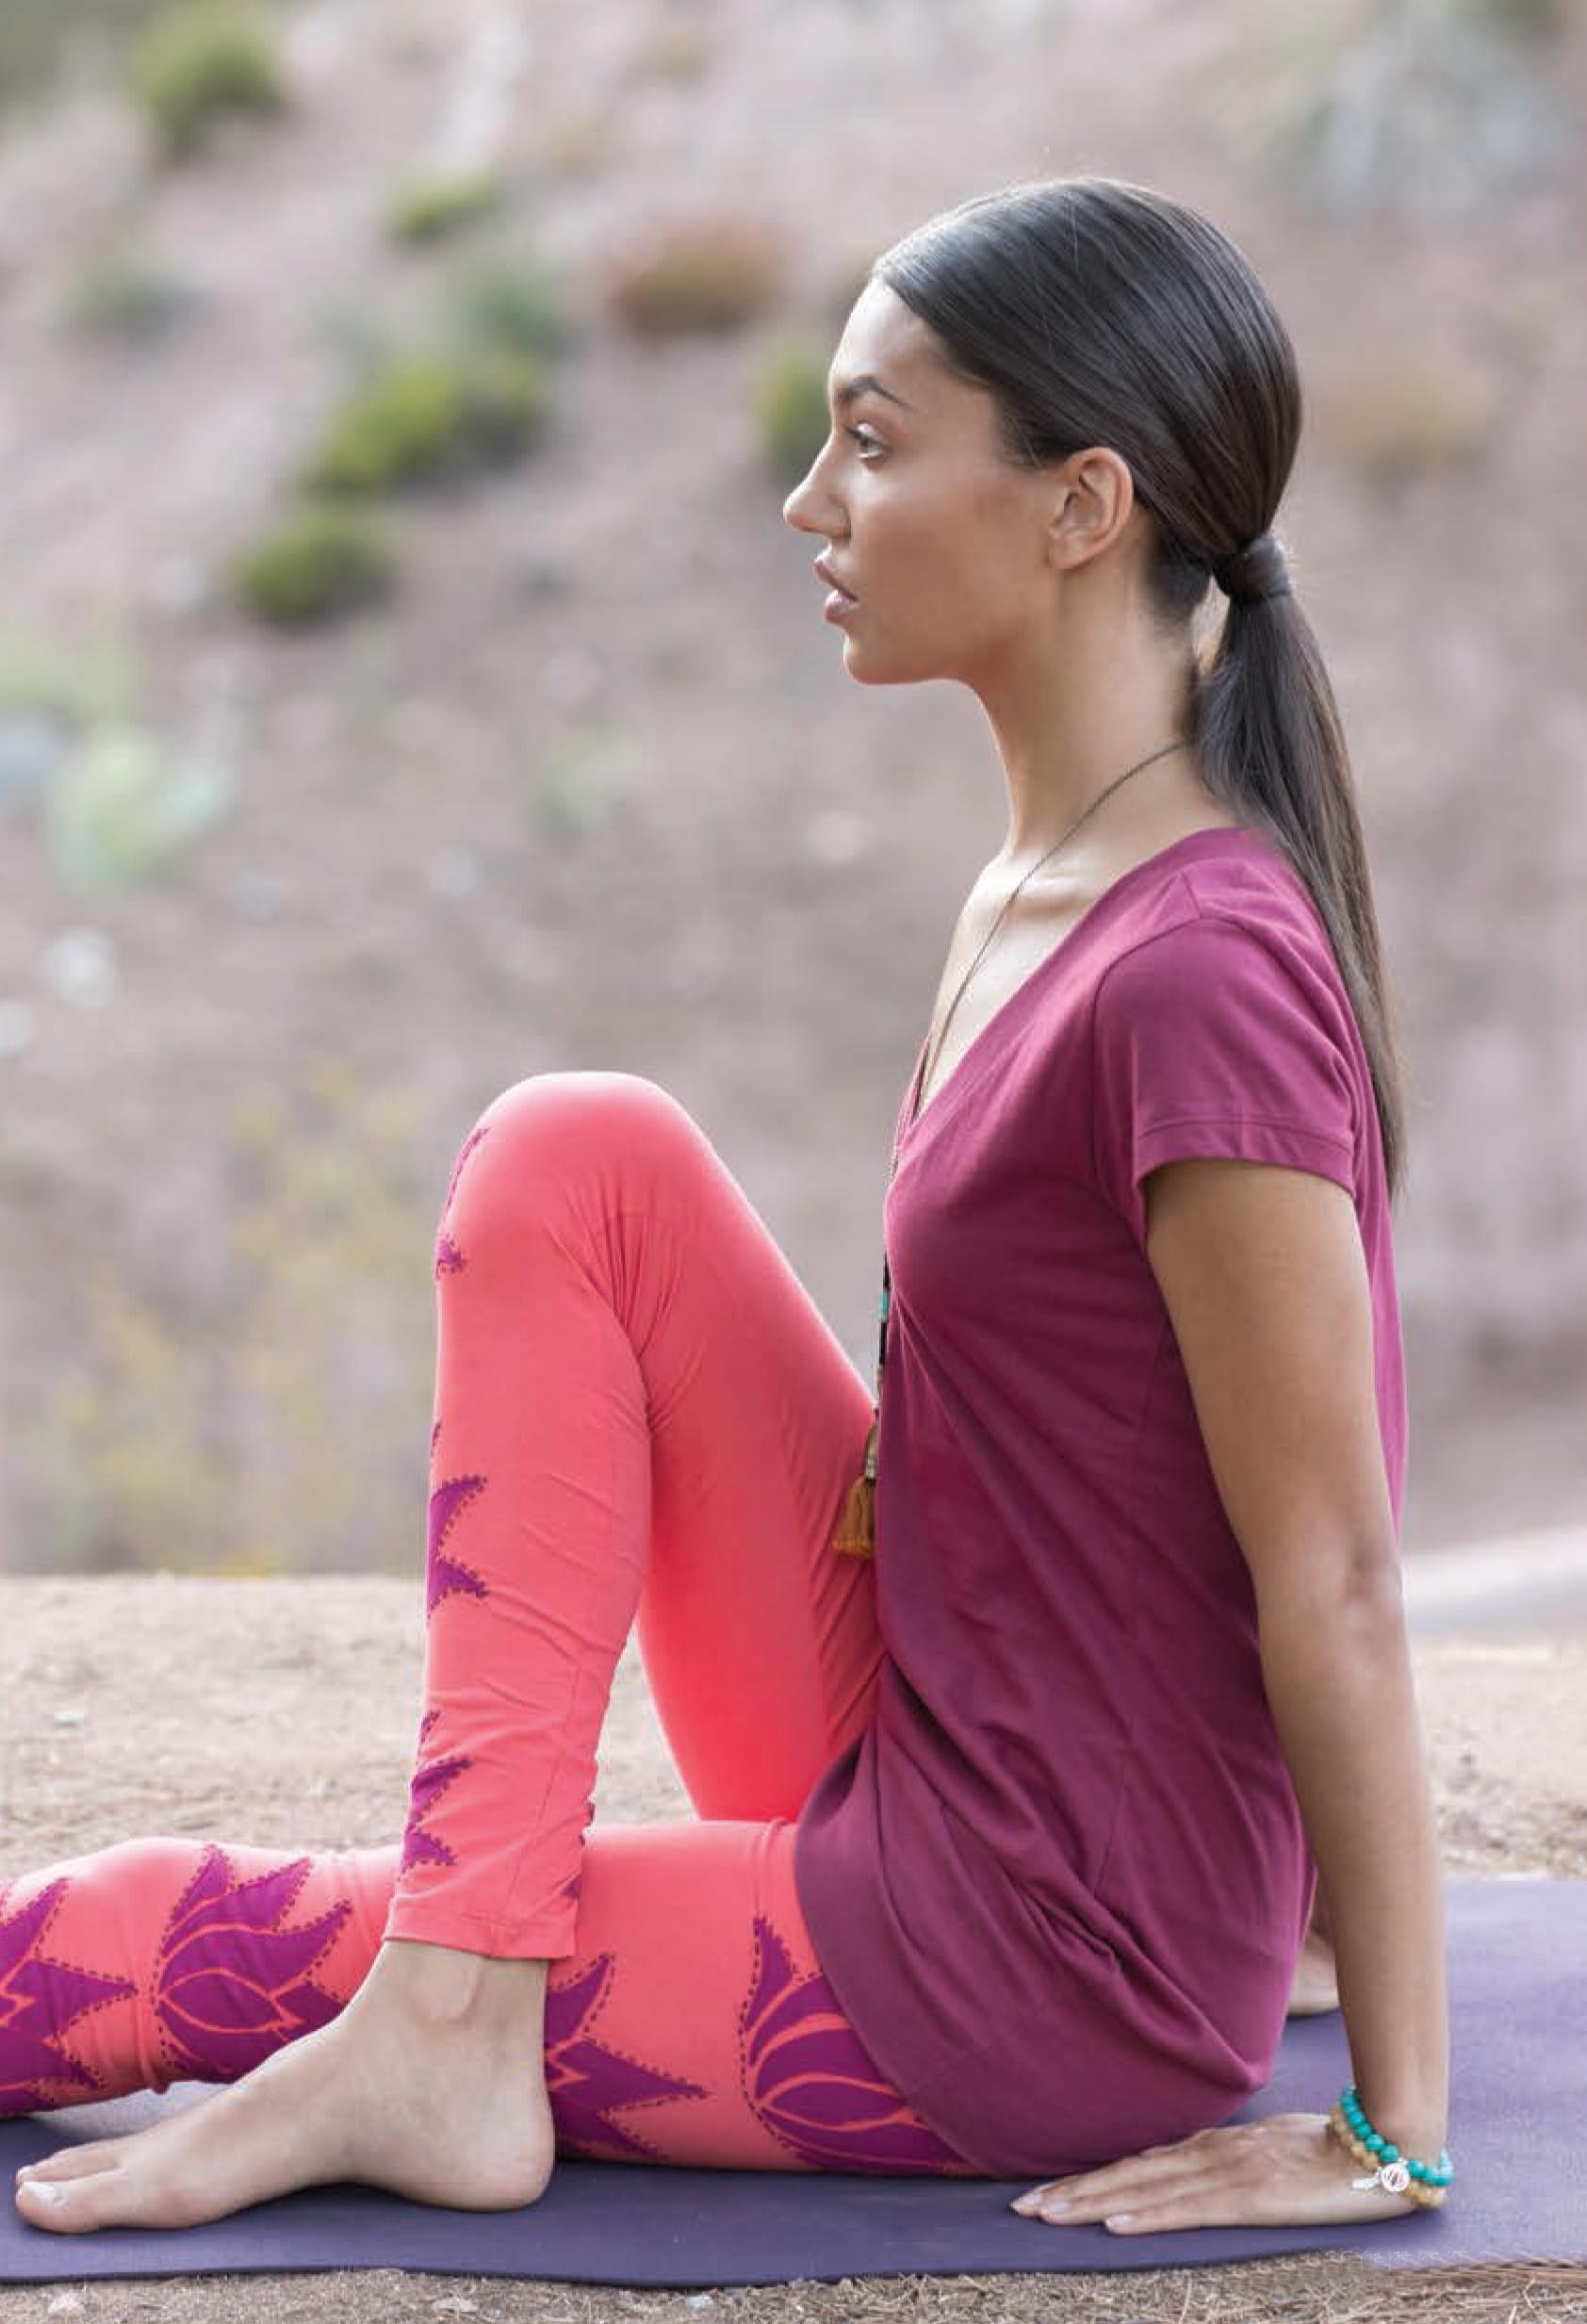 Synergy Organic Clothing Eco Fashion Talk